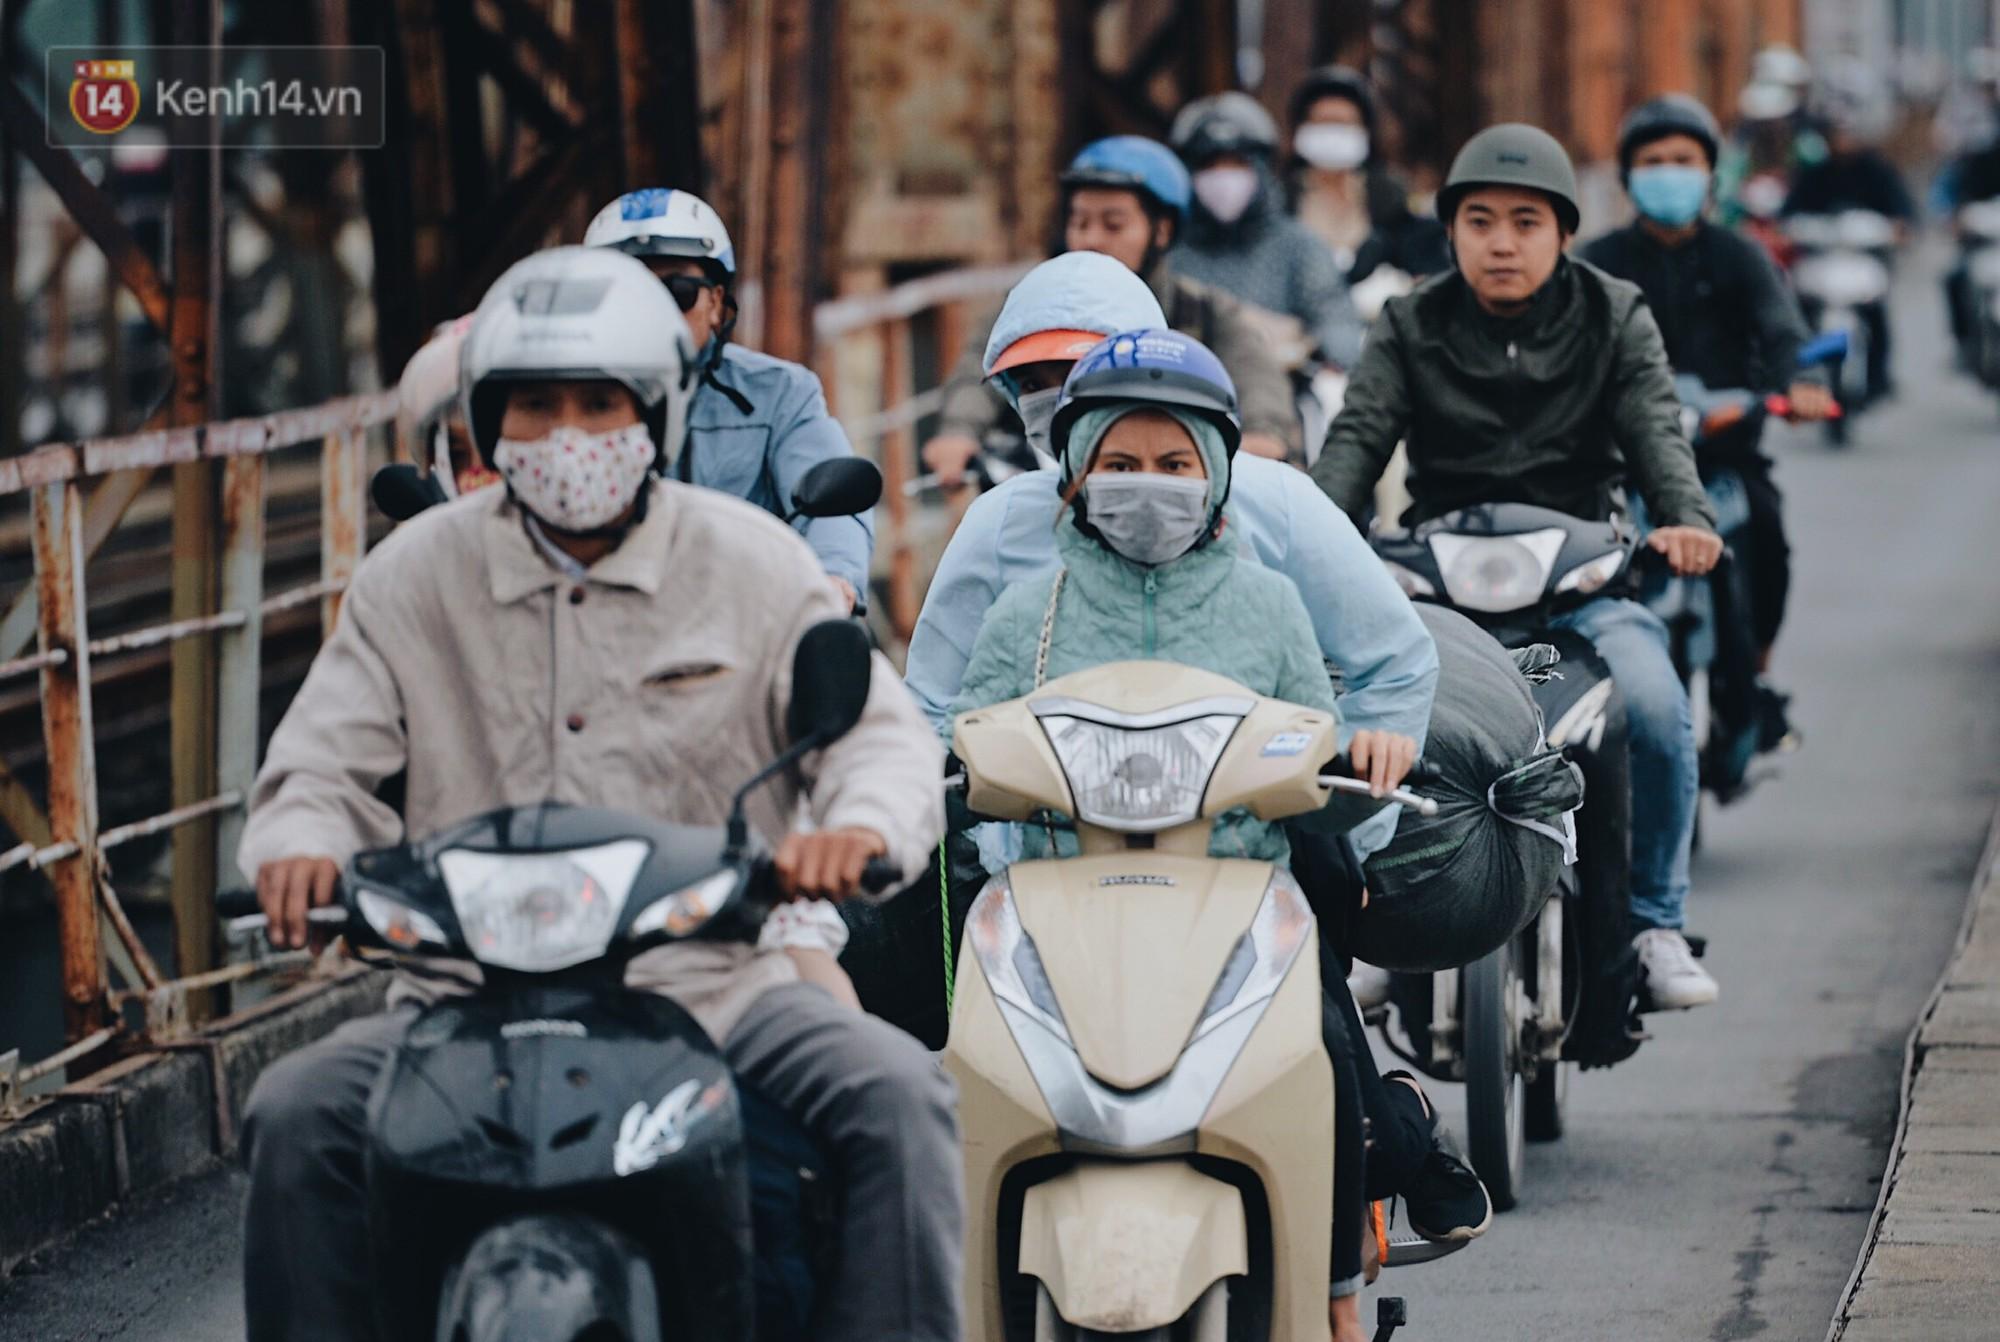 Hình ảnh mùa đông chính thức về miền Bắc, người Hà Nội mặc áo ấm - Ảnh 1.